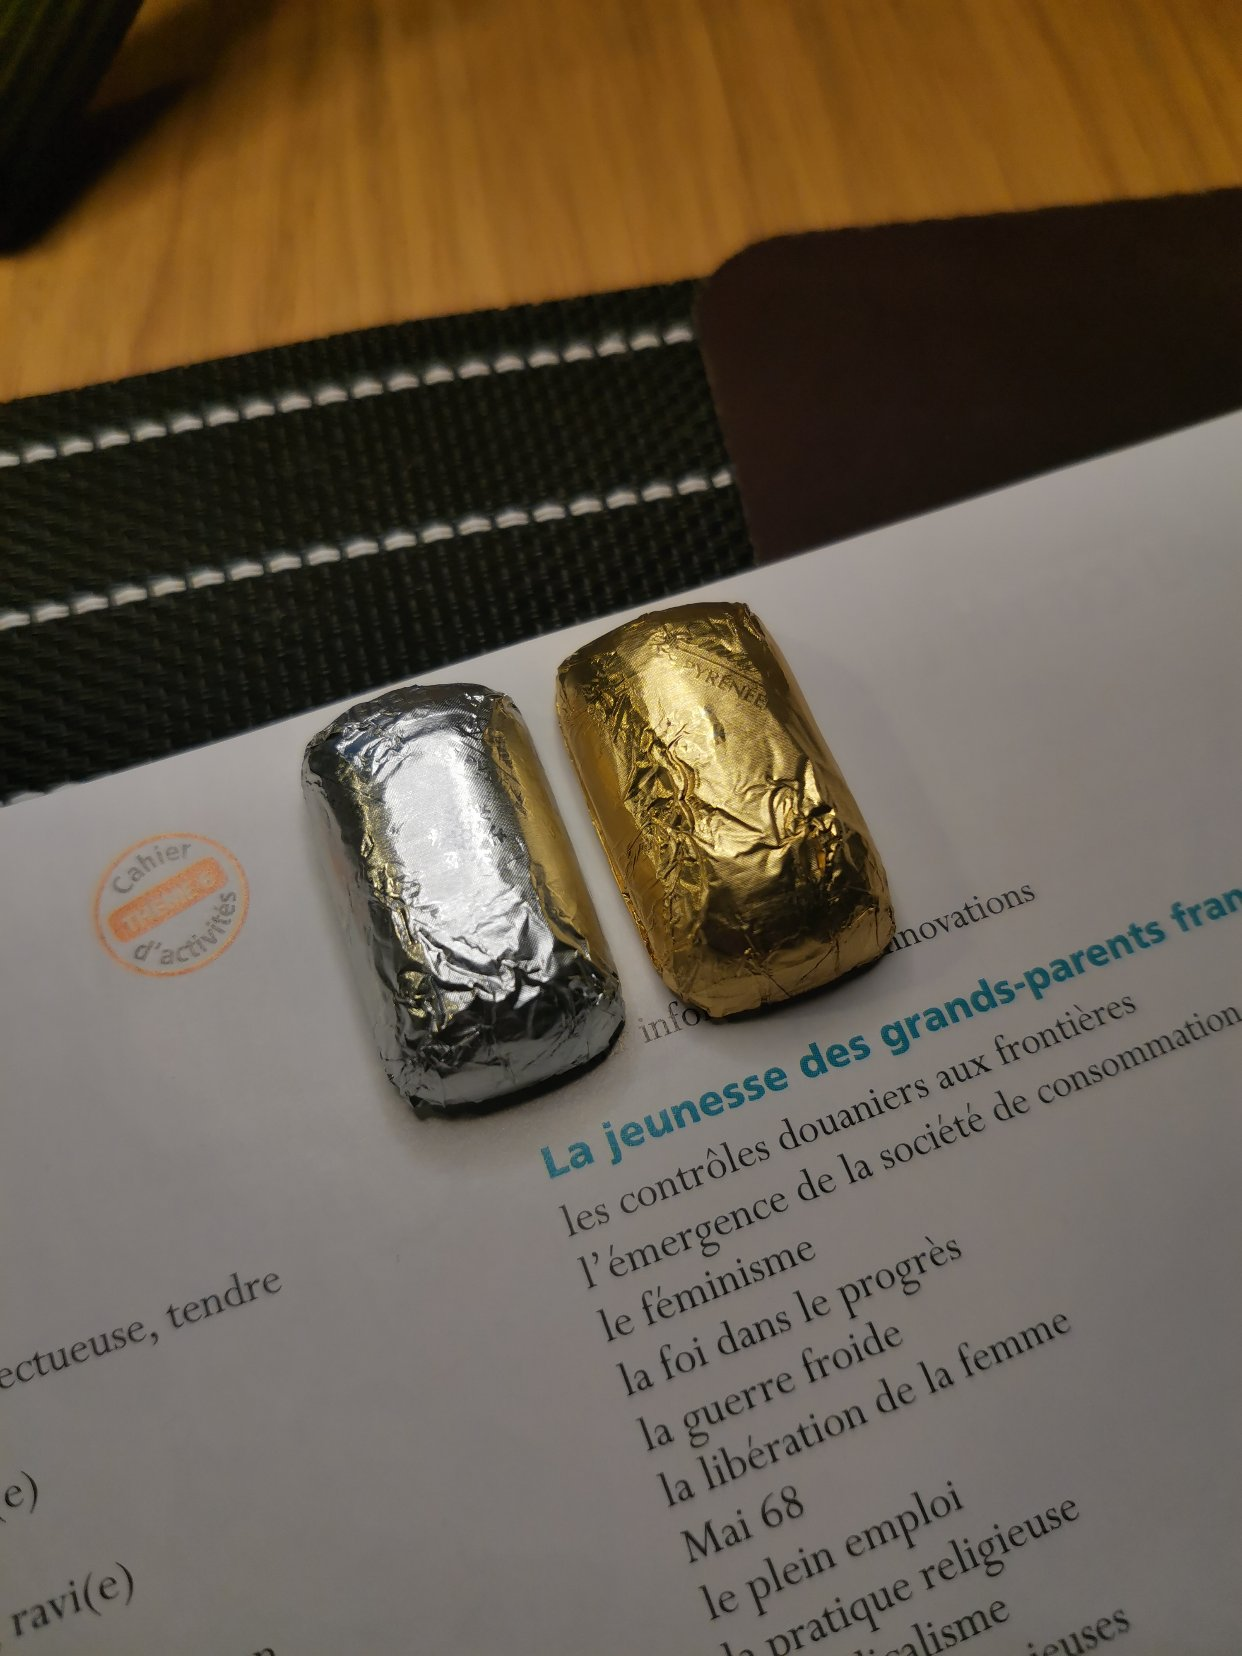 巴黎|瑞士莲网红巧克力测评|这次没有翻车!